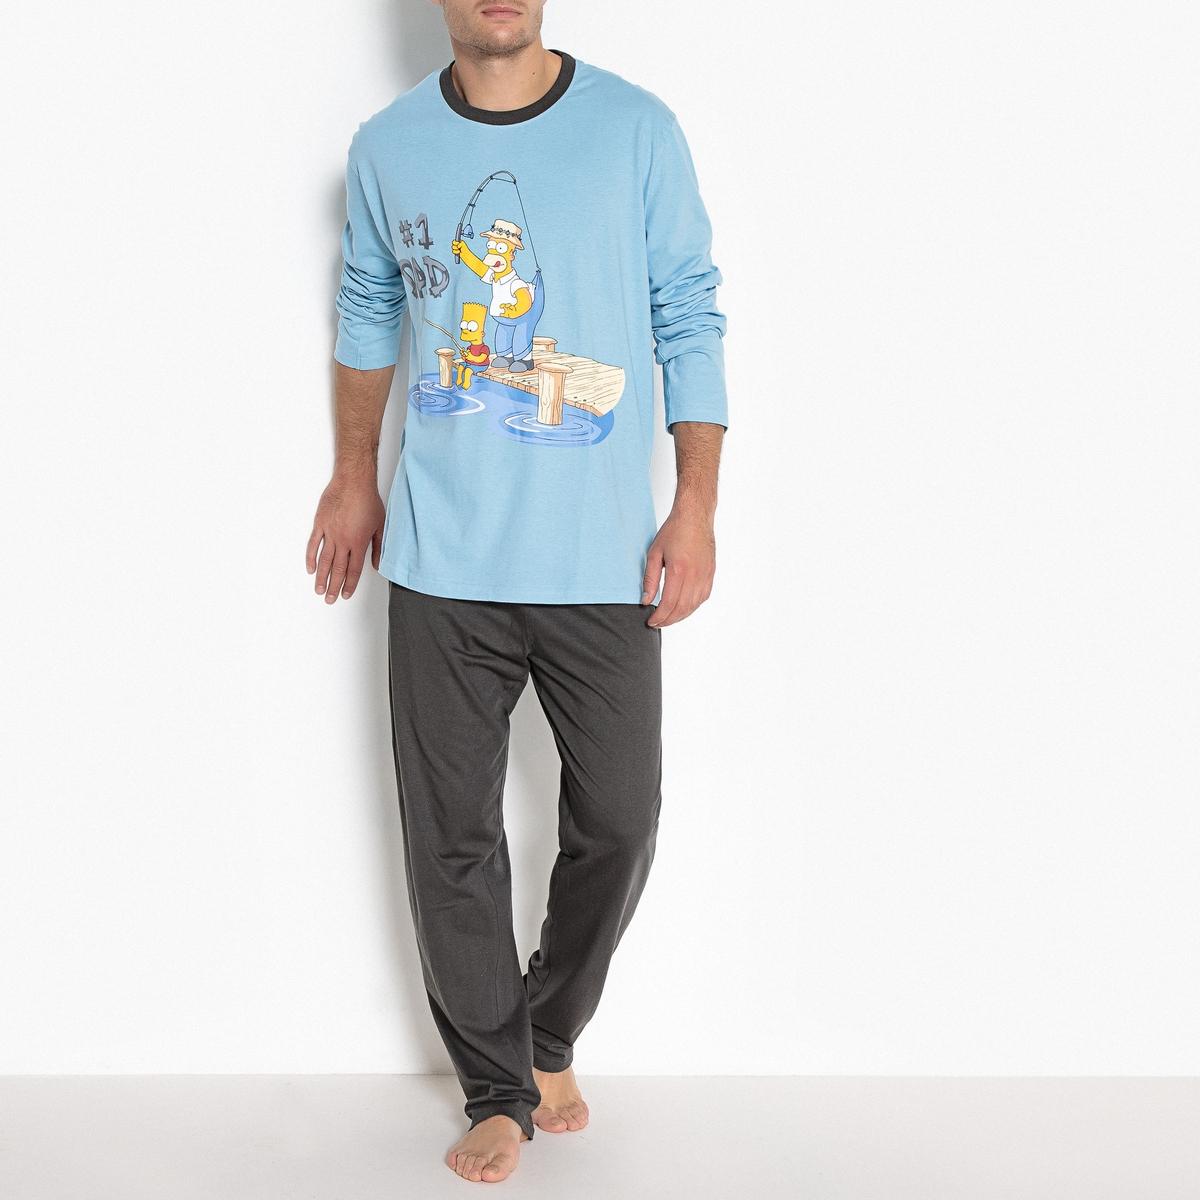 Пижама с длинными рукавами и рисункомОписание:Забавная пижама Simpsons с рисунком поднимет вам настроение с самого утра: комфортная и оригинальная!Состав и описание :Пижама с длинными рукавами и рисунком Simpsons. Брюки с эластичным поясом и прямым низом.Материал : 100% хлопок Марка : SimpsonsУход :Стирать с вещами подобного цвета при 30°.Гладить с изнаночной стороны.Машинная сушка запрещена.<br><br>Цвет: синий/темно-серый<br>Размер: S